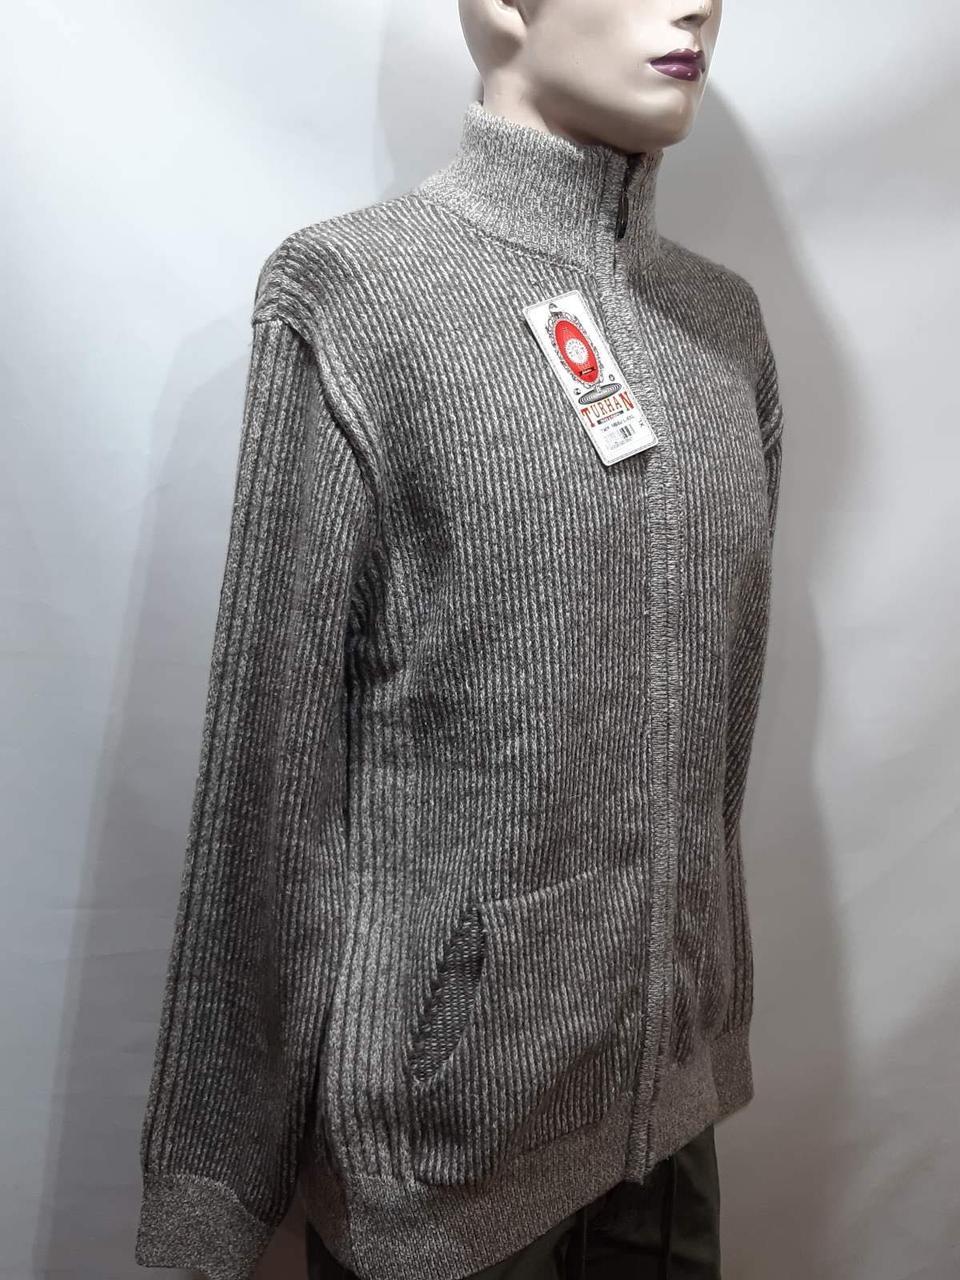 Мужская кофта на молнии теплый шерстяной свитер р. хл Turhan отличного качества коричневый последний